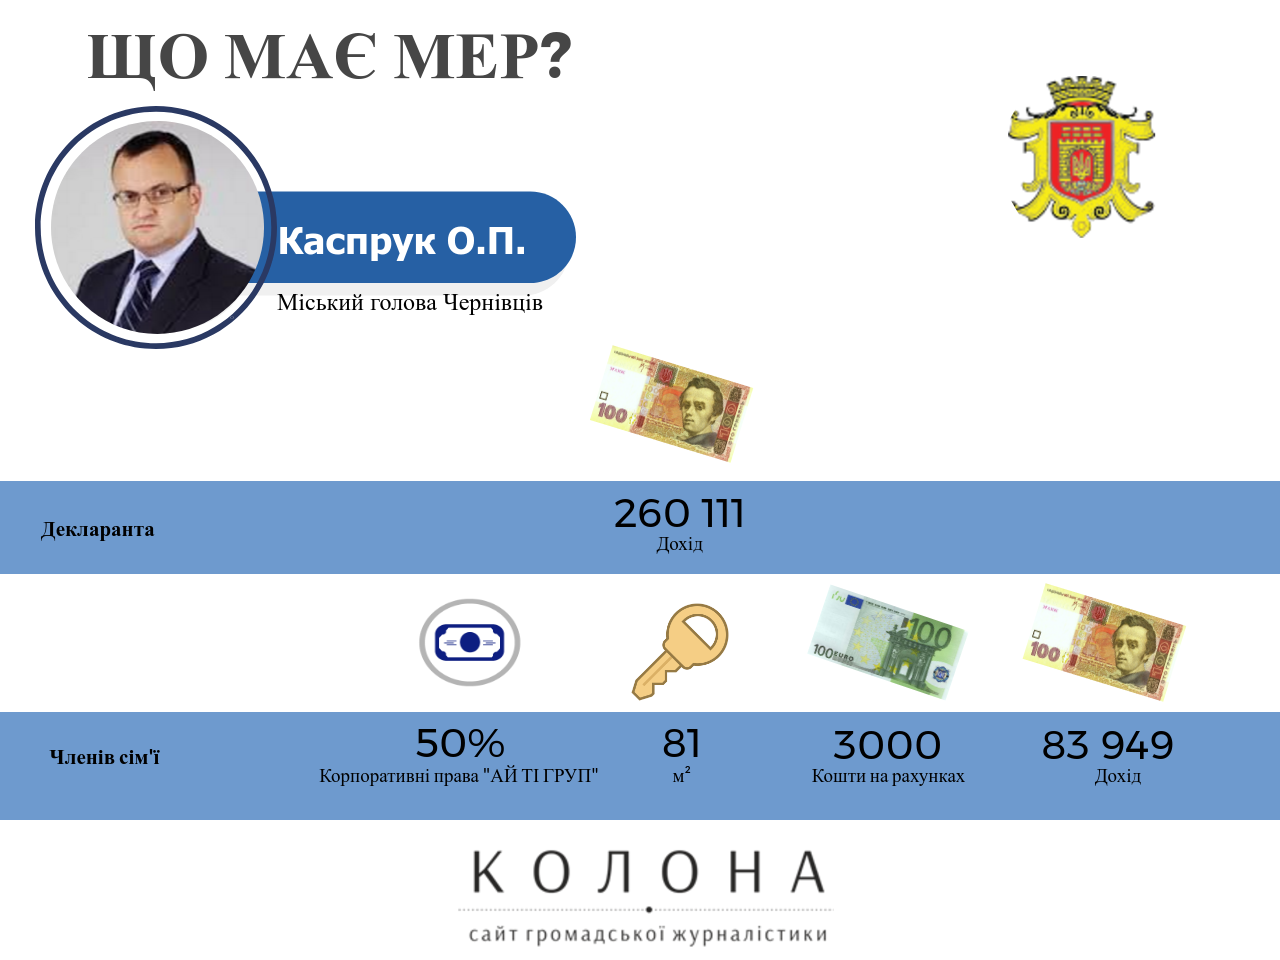 Олексій Каспрук декларація 2016